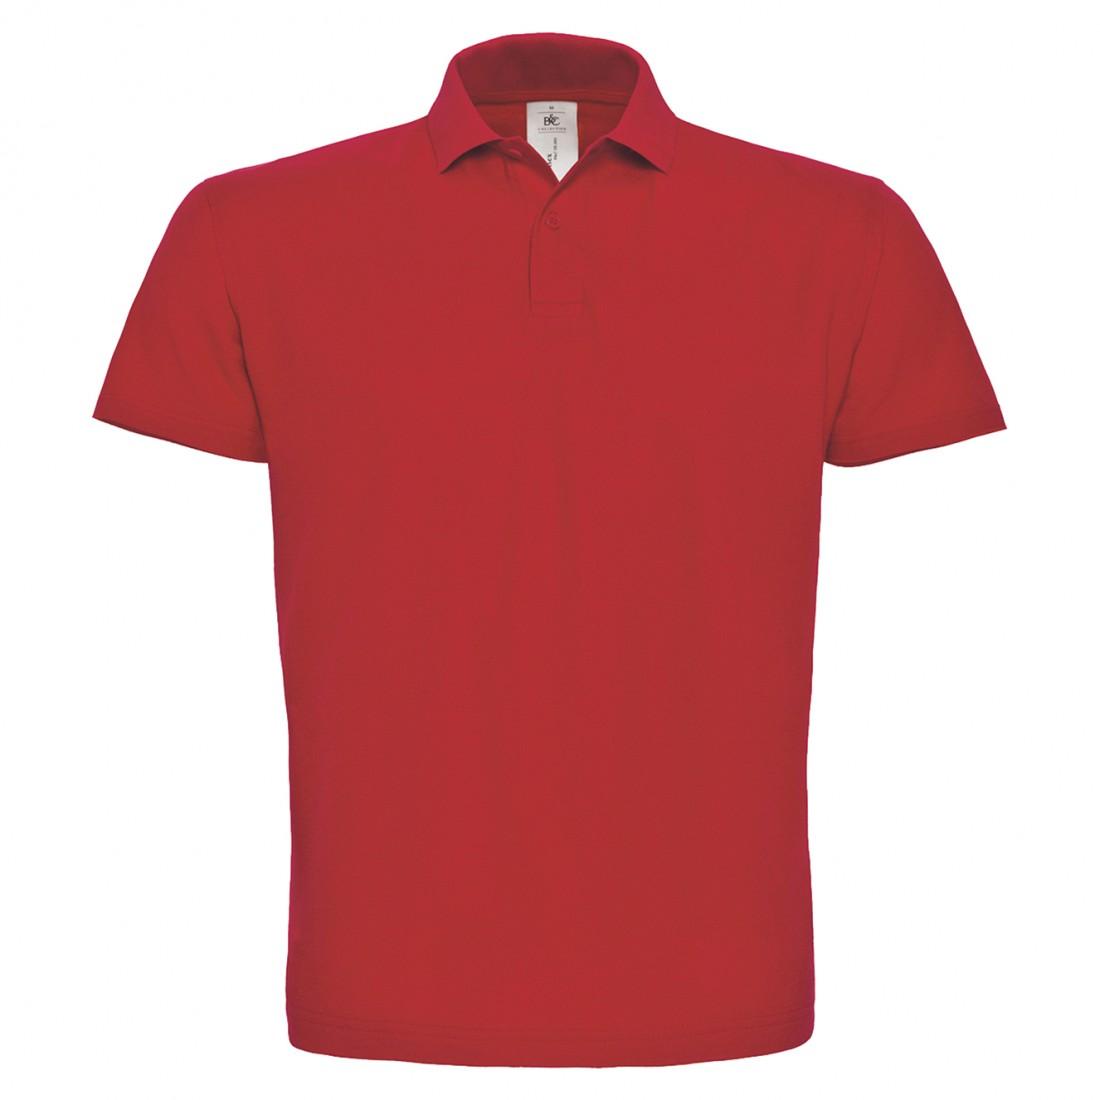 Tricou Polo Piqué Polo bărbătesc - Imbracaminte de protectie